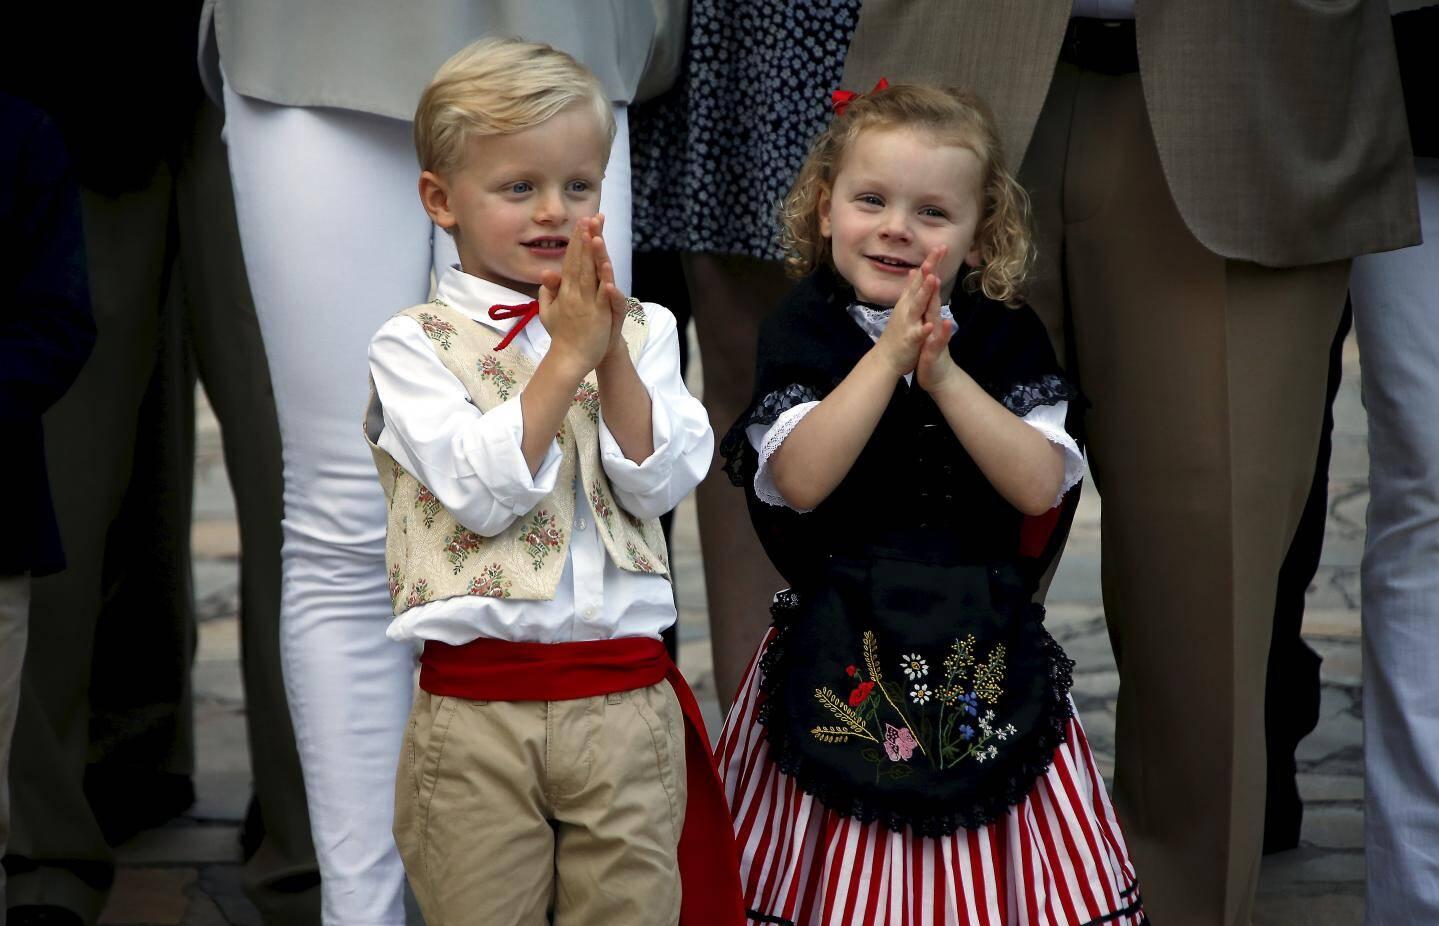 Costumés selon la tradition monégasque, les jumeaux participent au pique-nique des Monégasques, appréciant particulièrement le spectacle de la Palladienne.